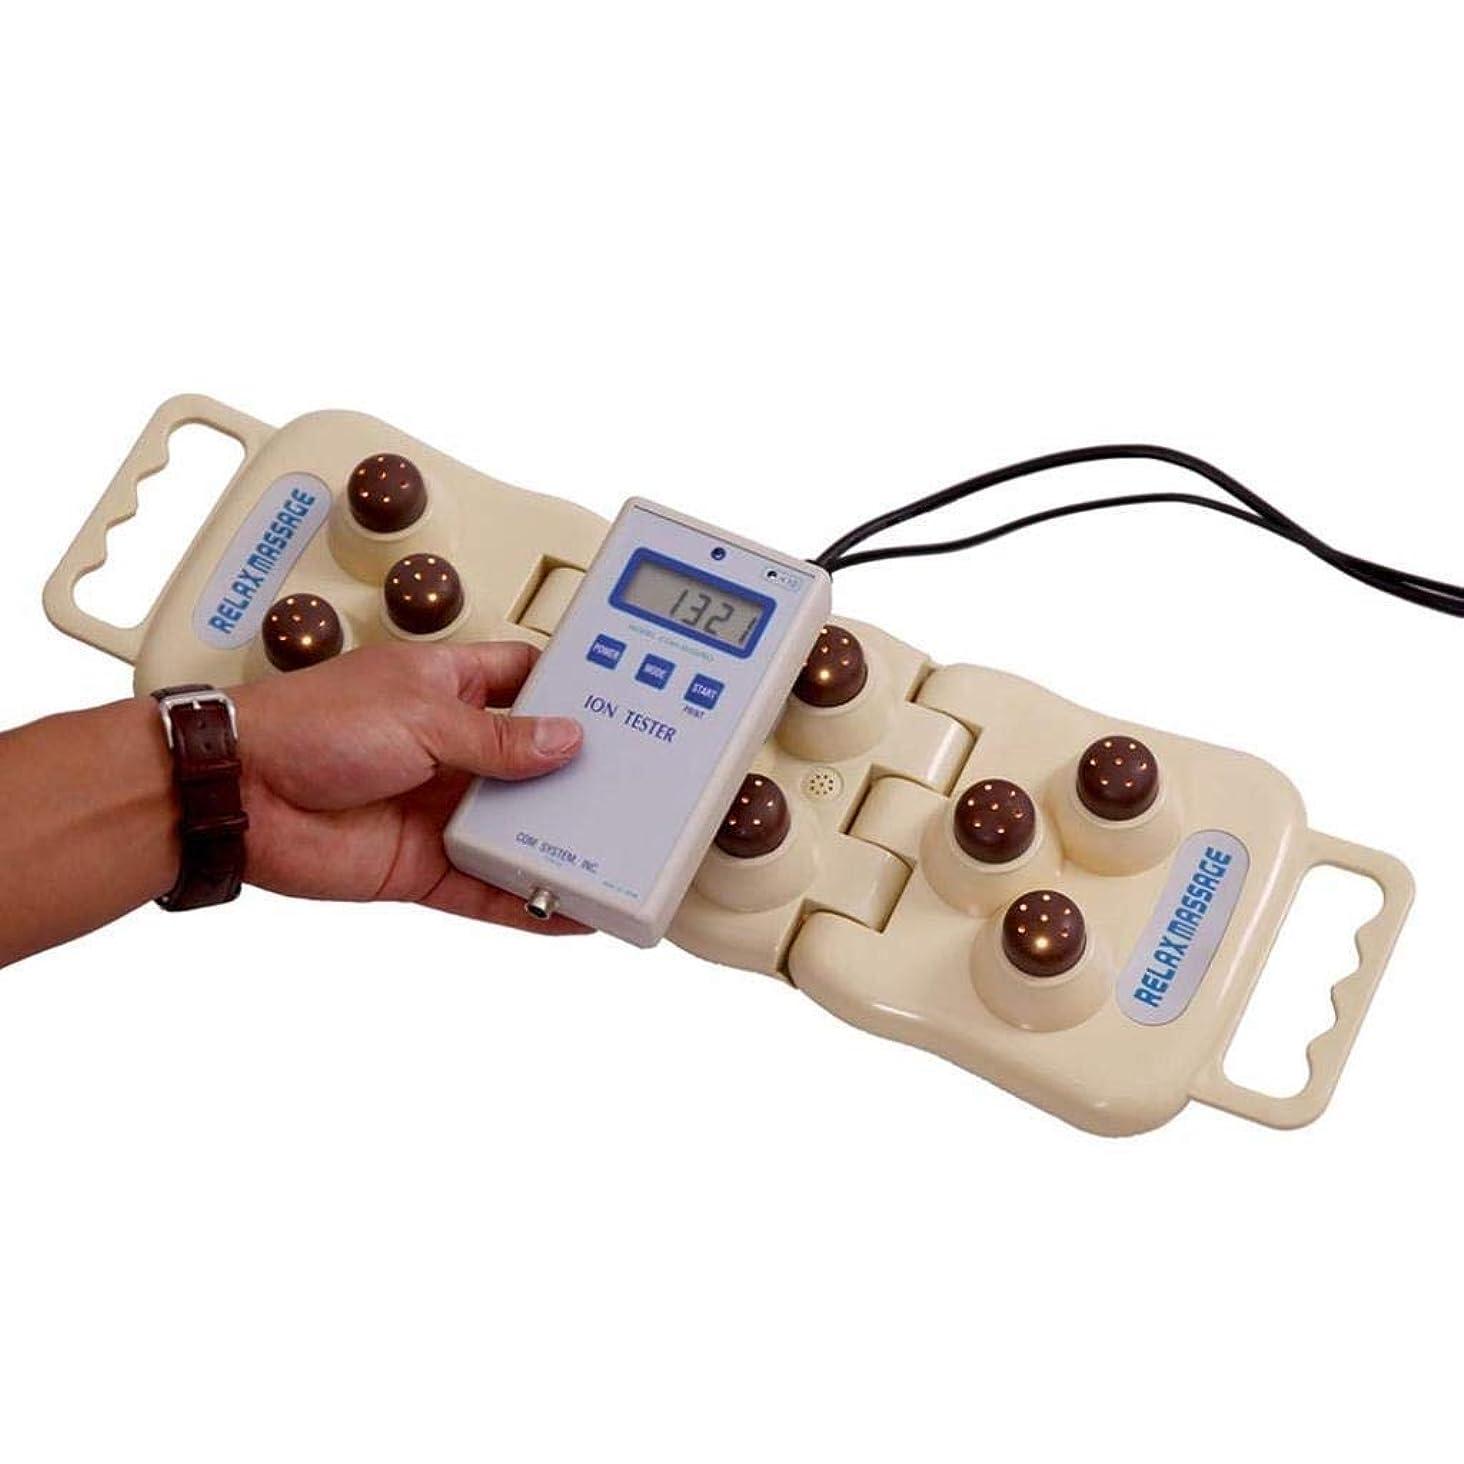 価値鼻時電気マッサージ器、トルマリン理学療法頸椎健康機器、暖房理学療法器具、膝/肩/腰/脚マッサージ、全身ヒーターマッサージリラックス